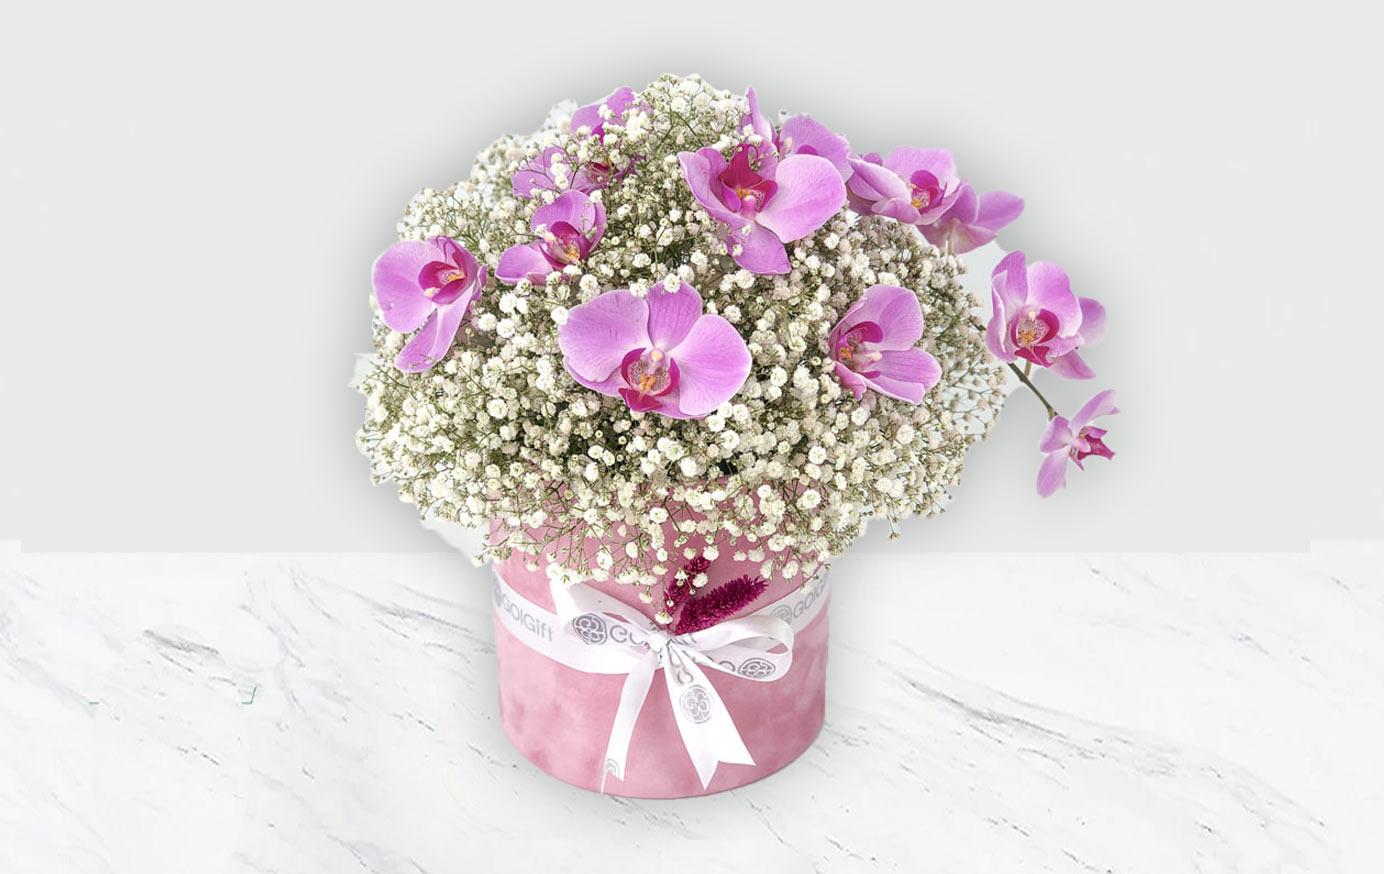 خرید باکس گل صورتی دخترانه